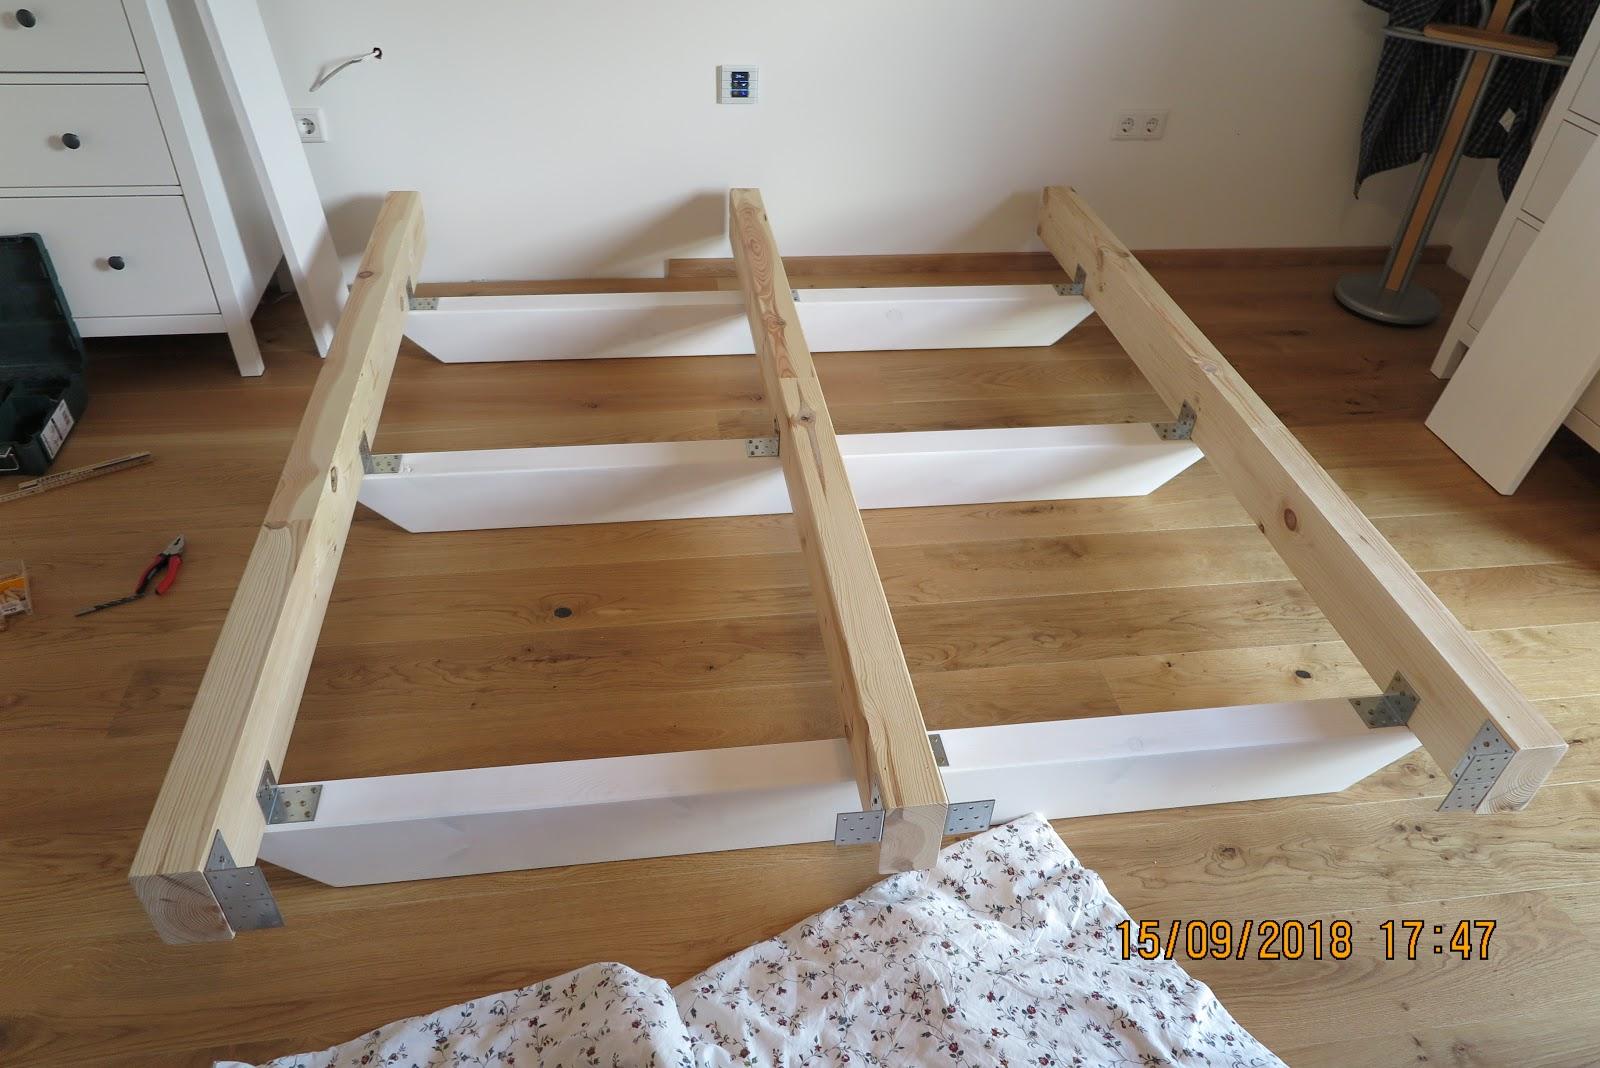 Full Size of Bett Balken Wir Bauen Ein Holzhaus Diy Kinder Betten 160x200 Bambus 140x200 Ohne Kopfteil Kleinkind Mit Bettkasten Rückenlehne Wohnwert Günstig Kaufen Bett Bett Balken